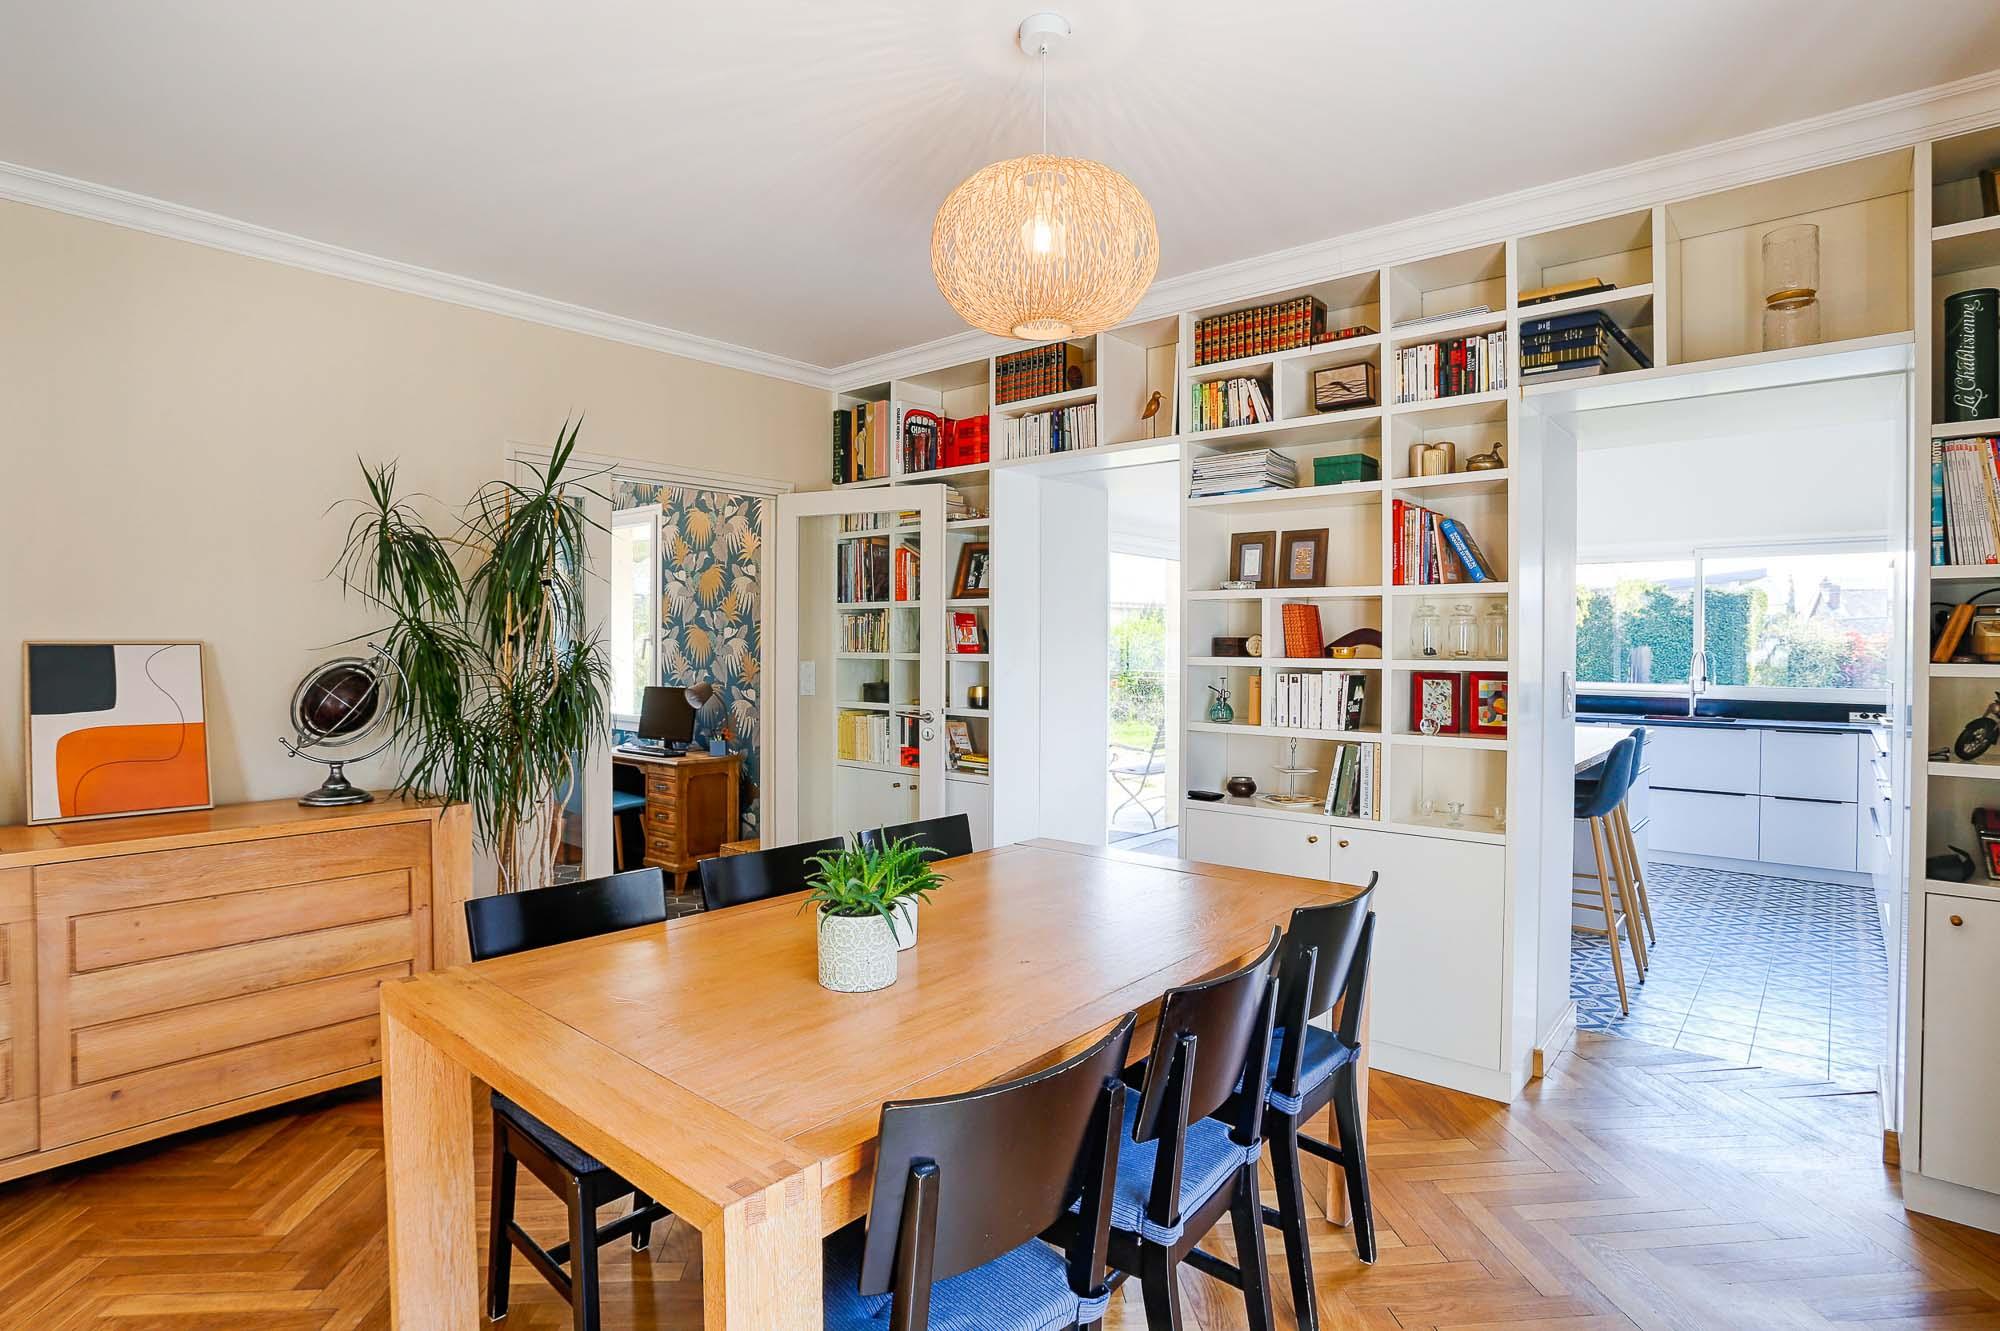 photographe-architecture-immobilier-vannes-auray-pontivy-morbihan